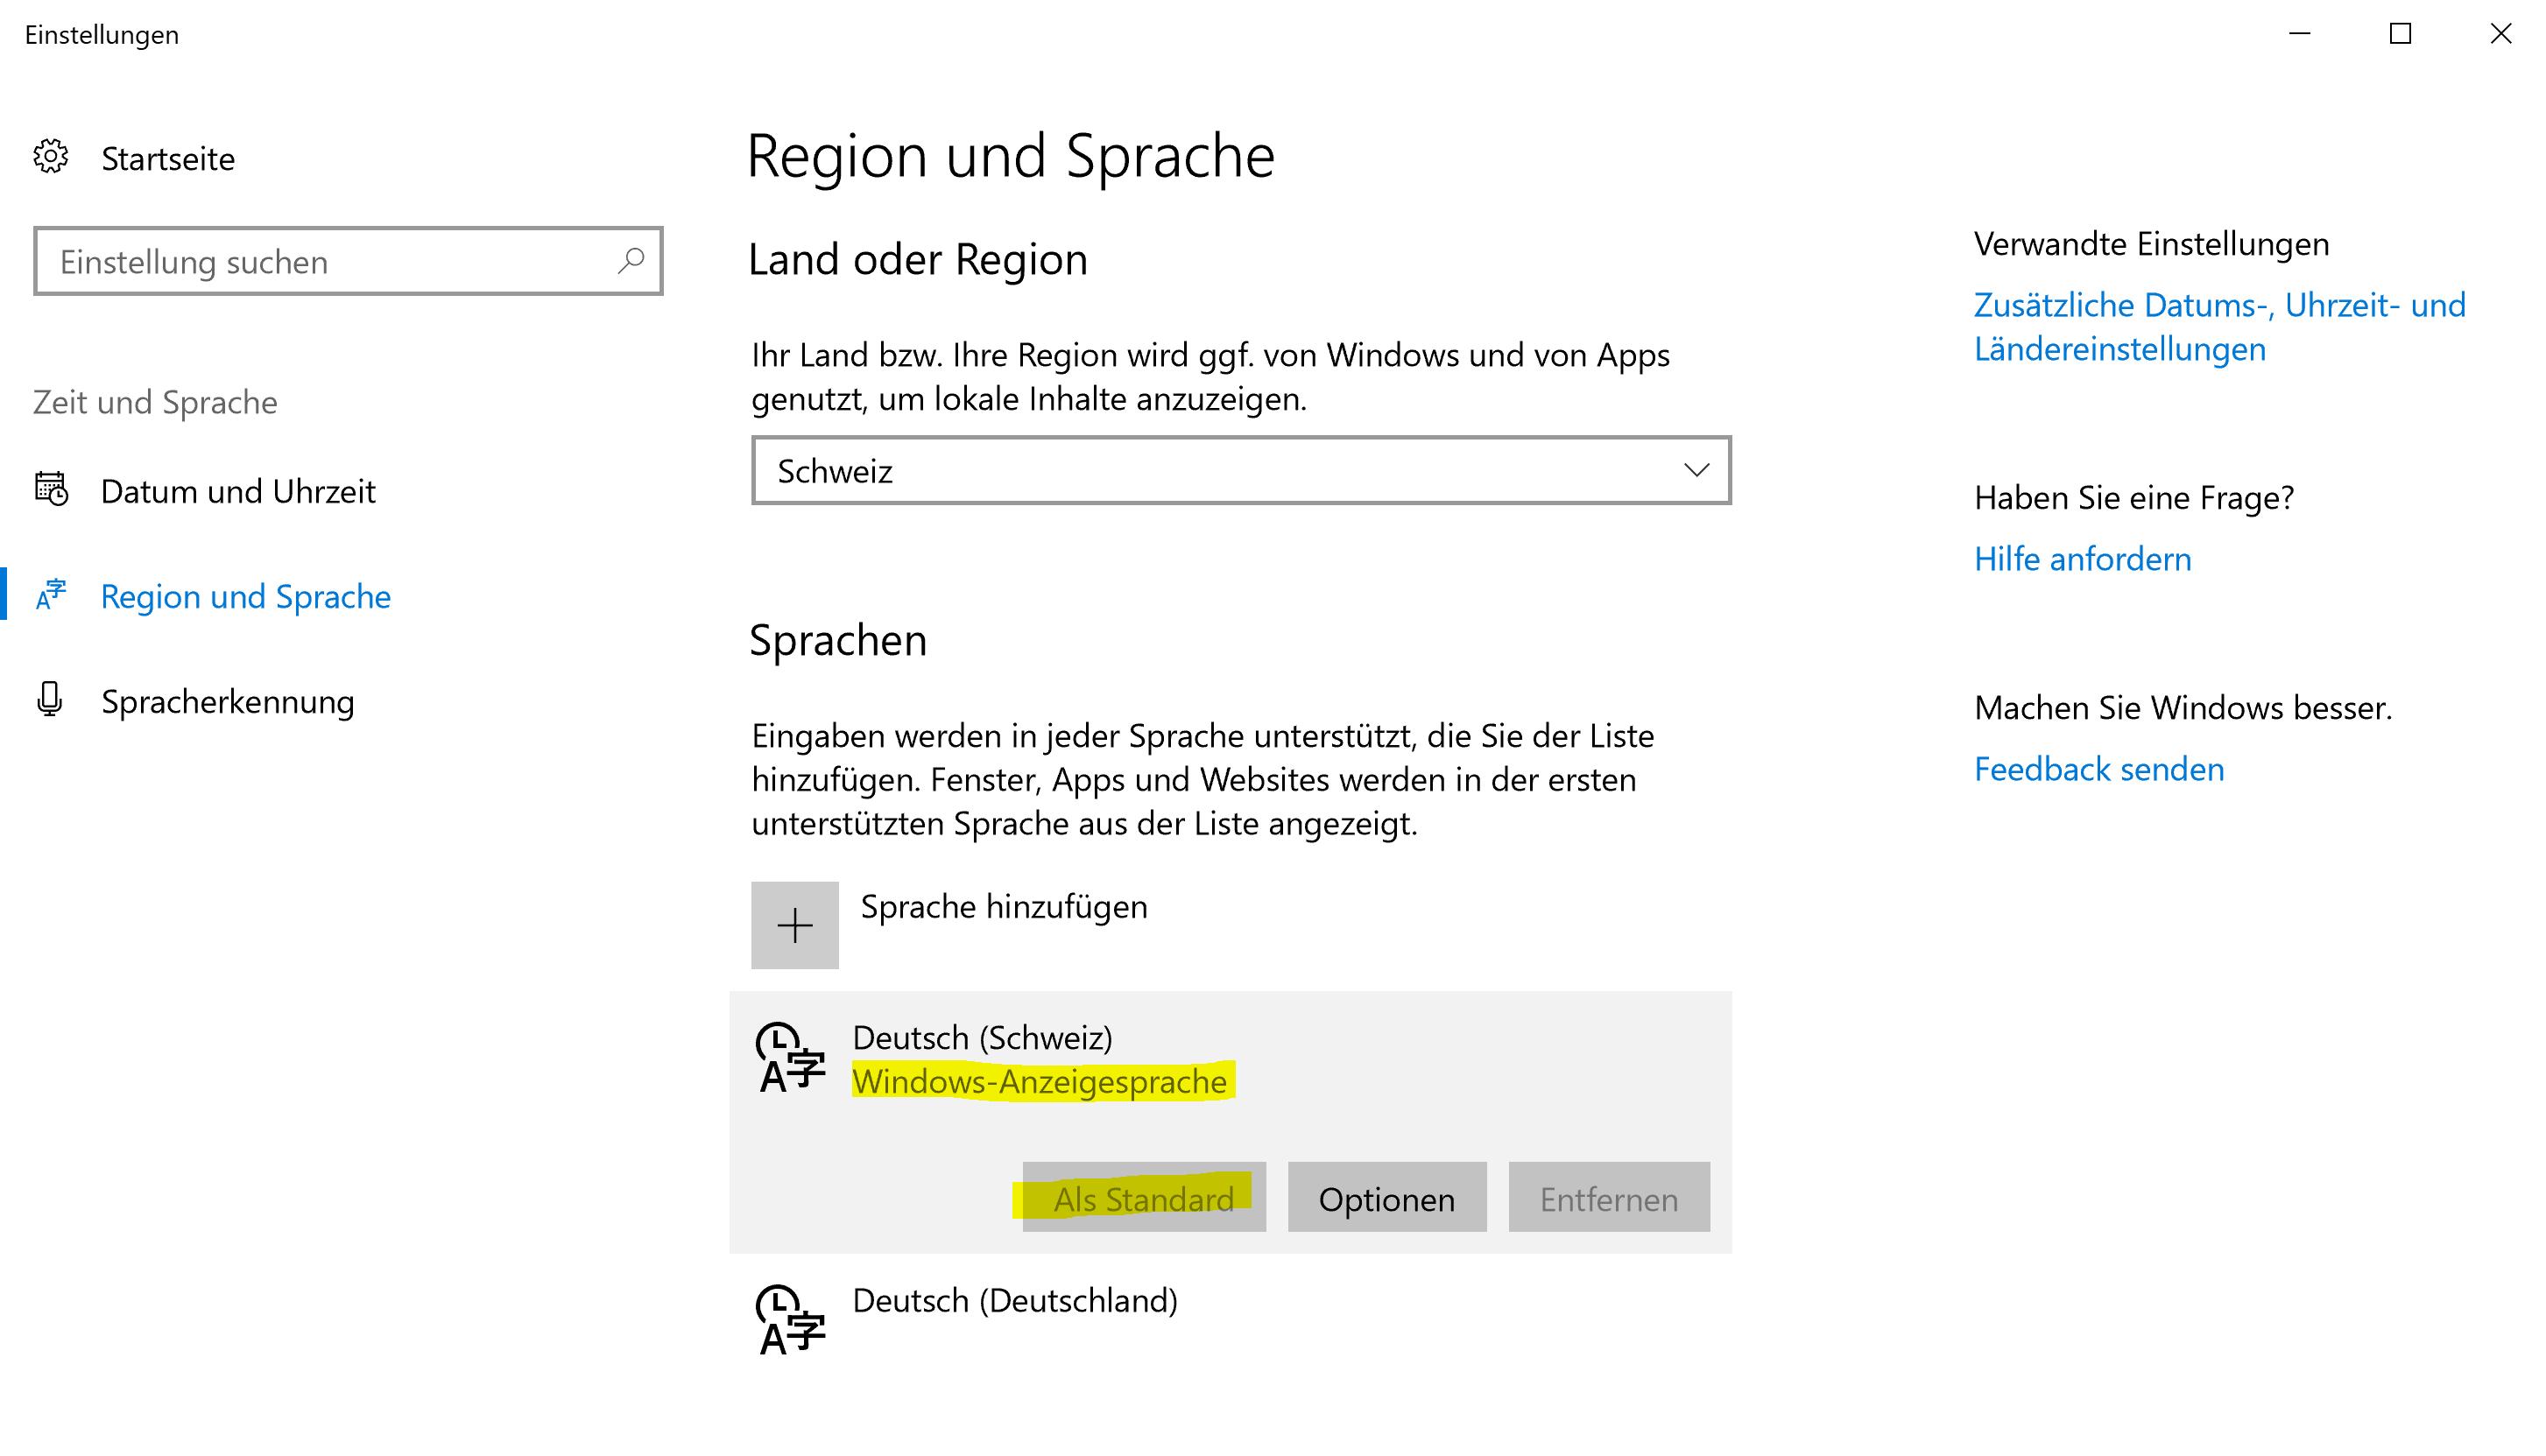 Region und Sprache: Windows-Anzeigesprache